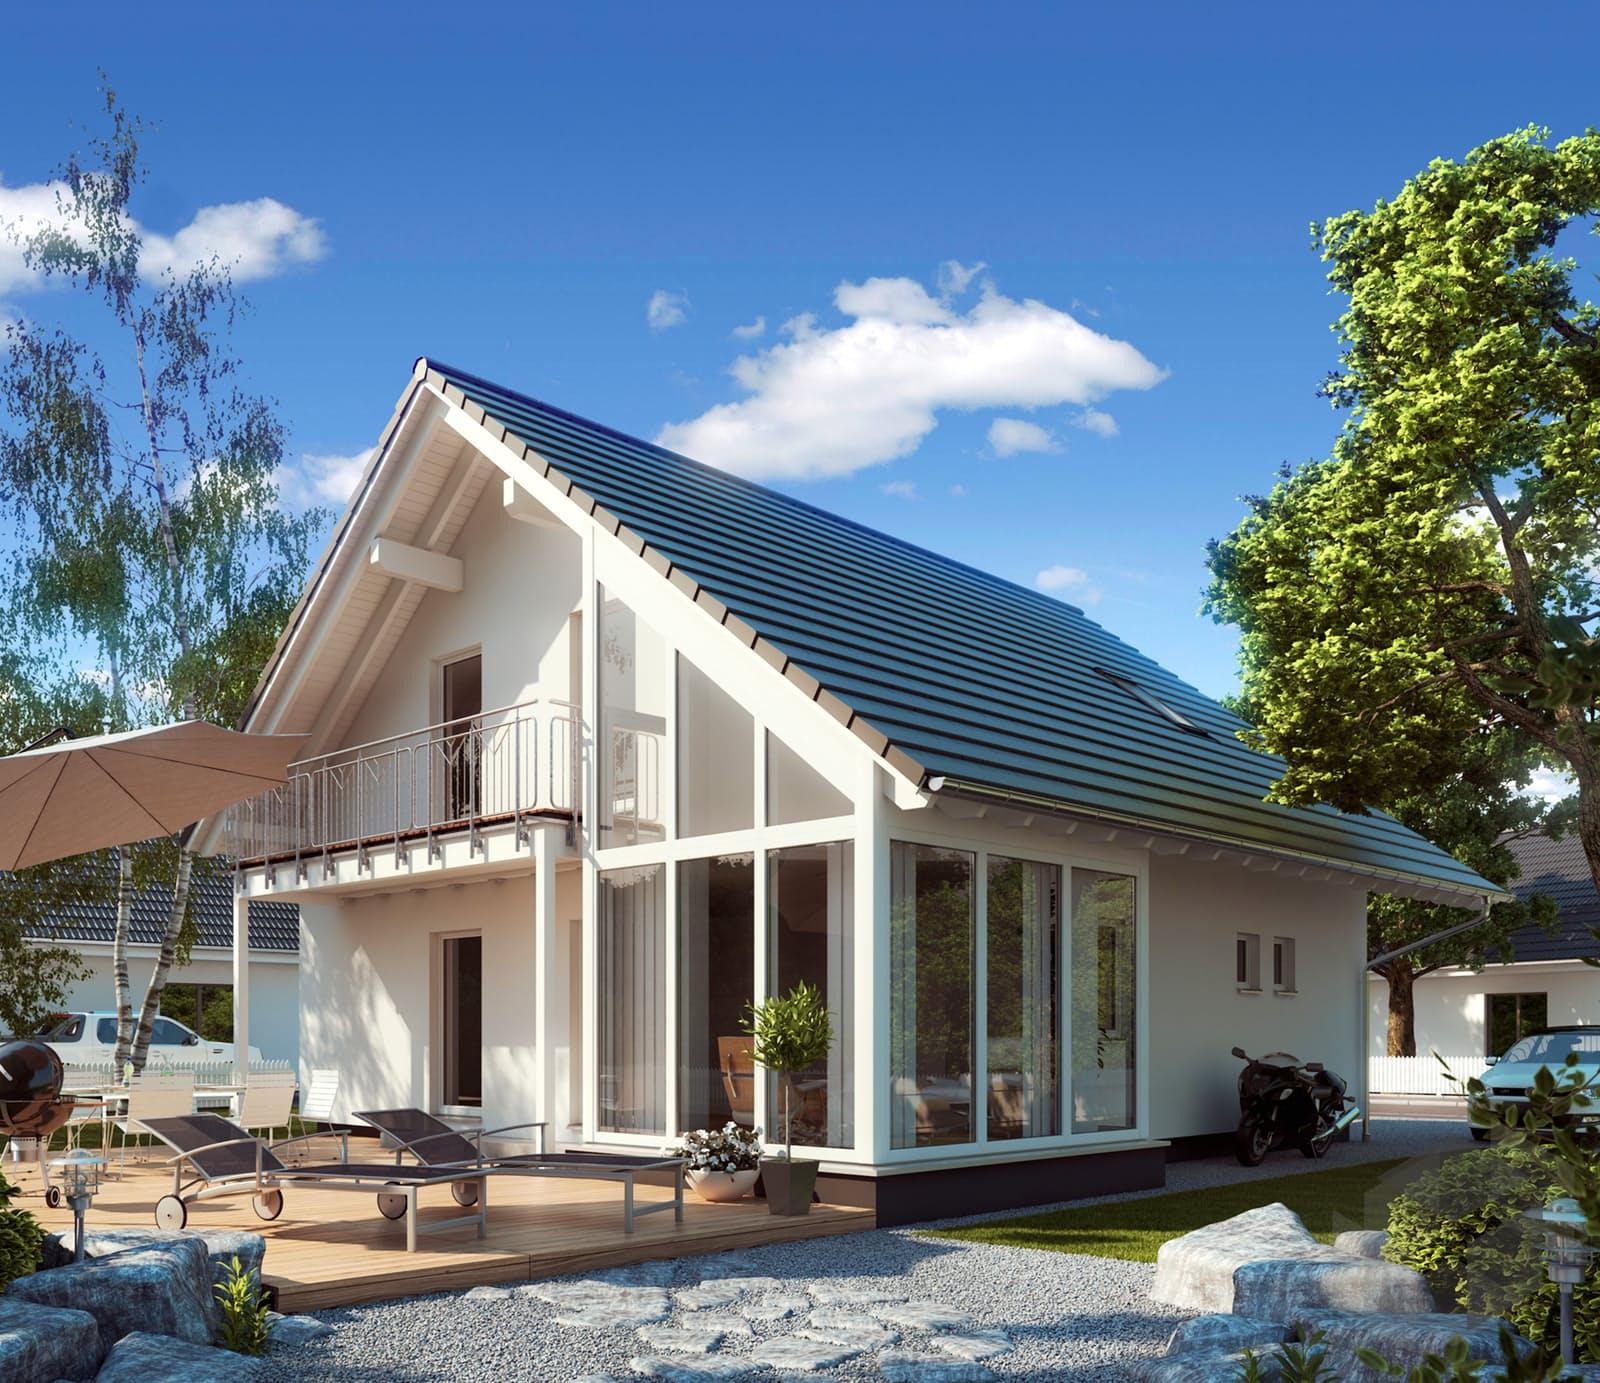 Häuser Ortenaukreis Homebooster: LifeStyle 10 V2 (out) Von Massa Haus